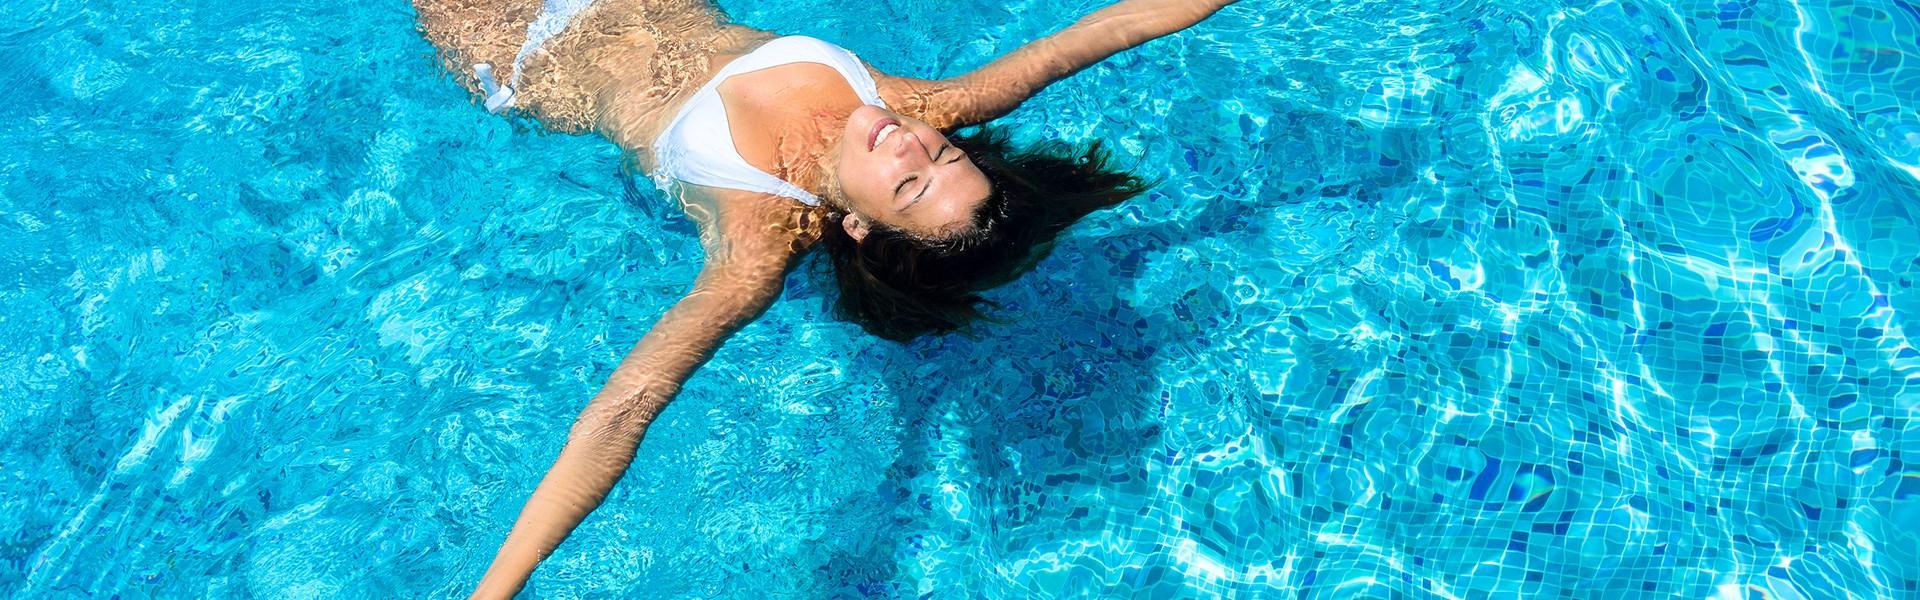 E Hotel - pool